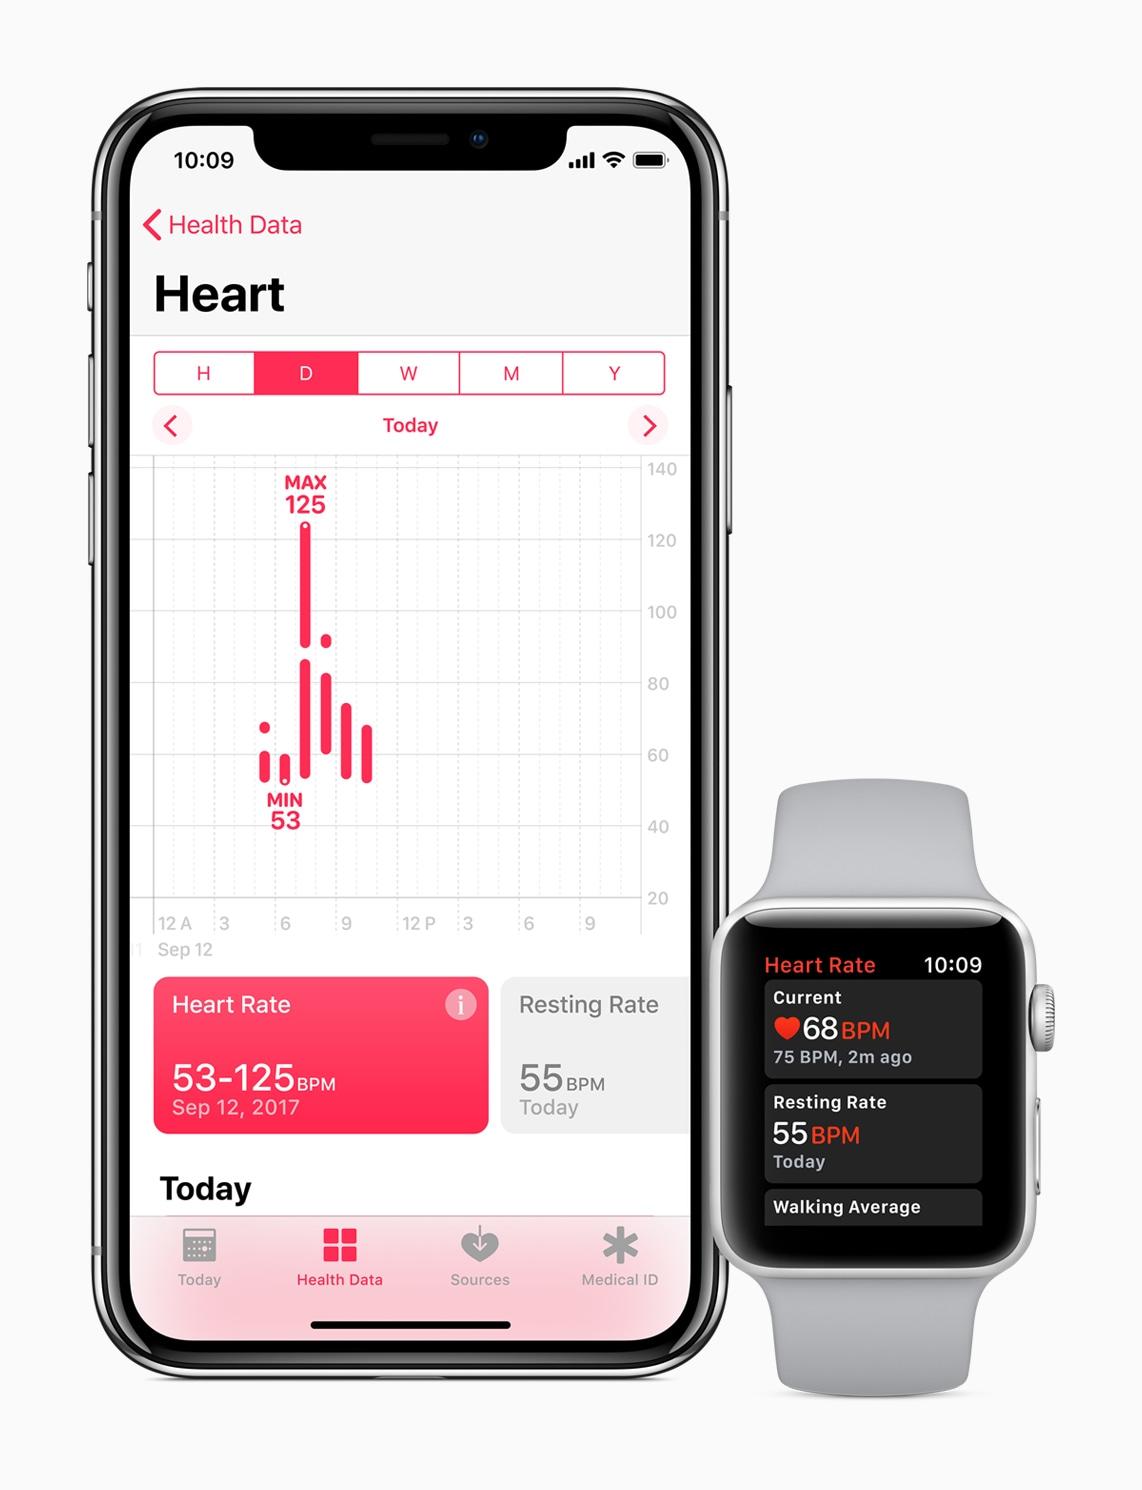 Medição de batimentos cardíacos com o Apple Watch Series 3 e iPhone X